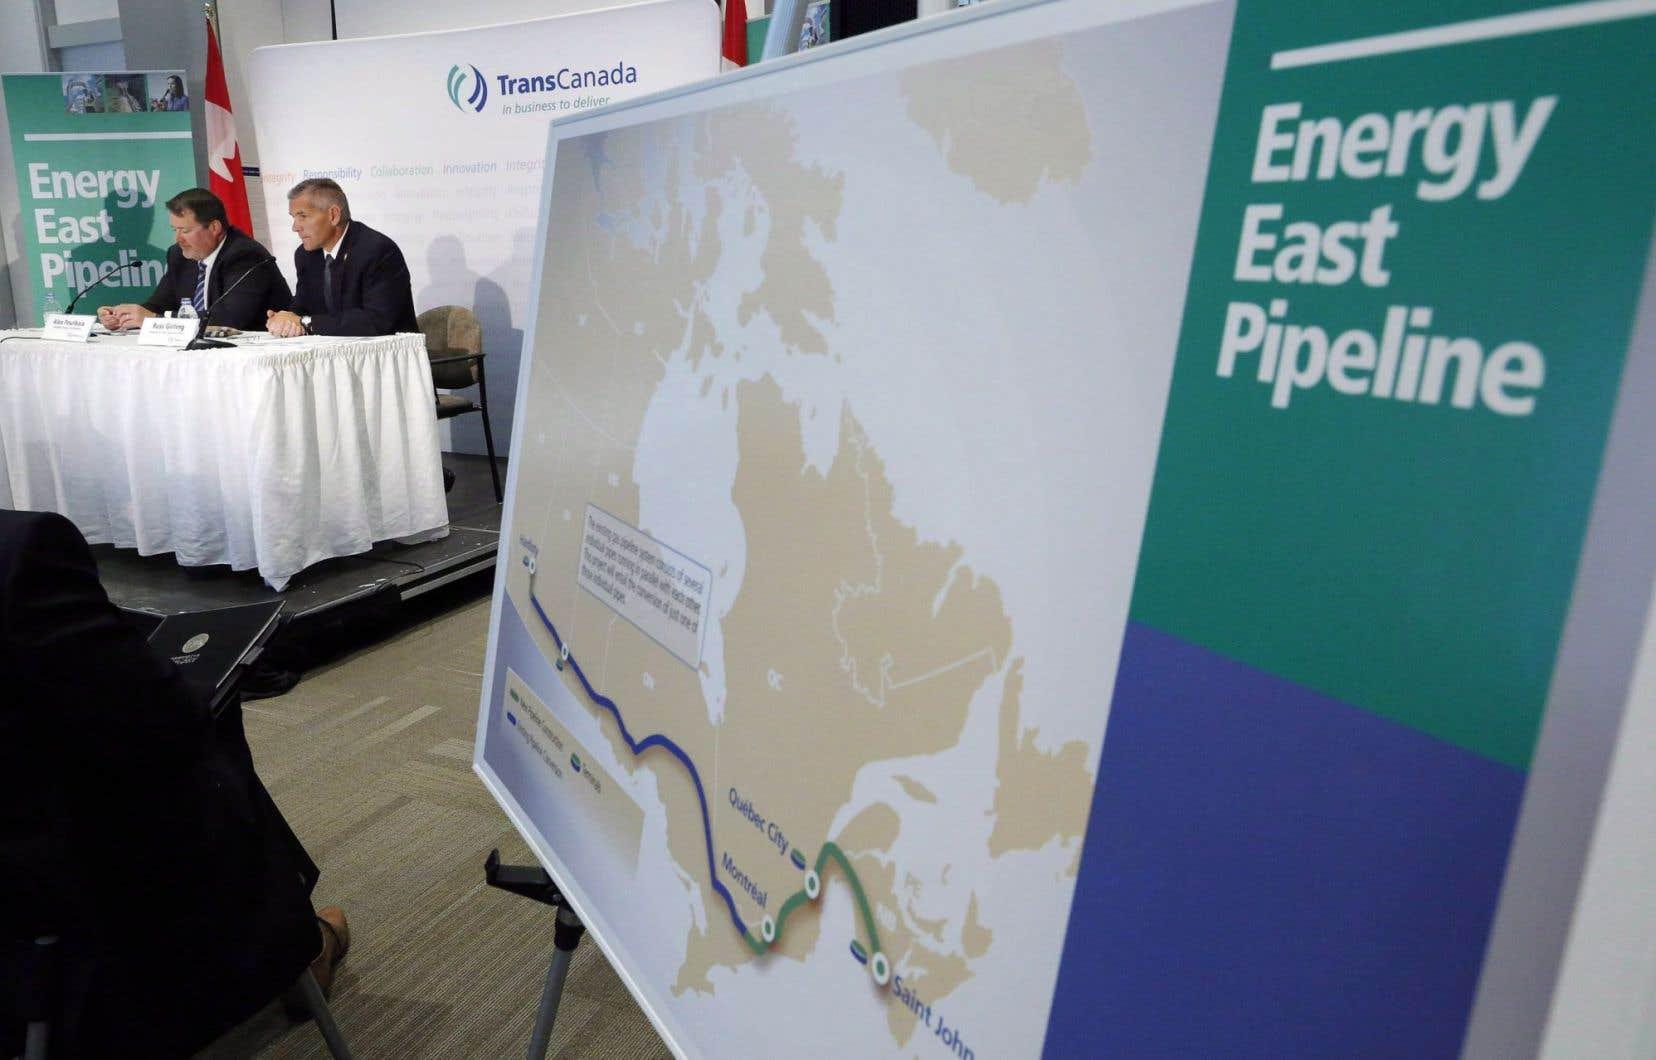 Ce projet destiné à l'exportation de pétrole des sables bitumineux, à raison de 400millions de barils par année, traverserait plus de 860 cours d'eau au Québec.